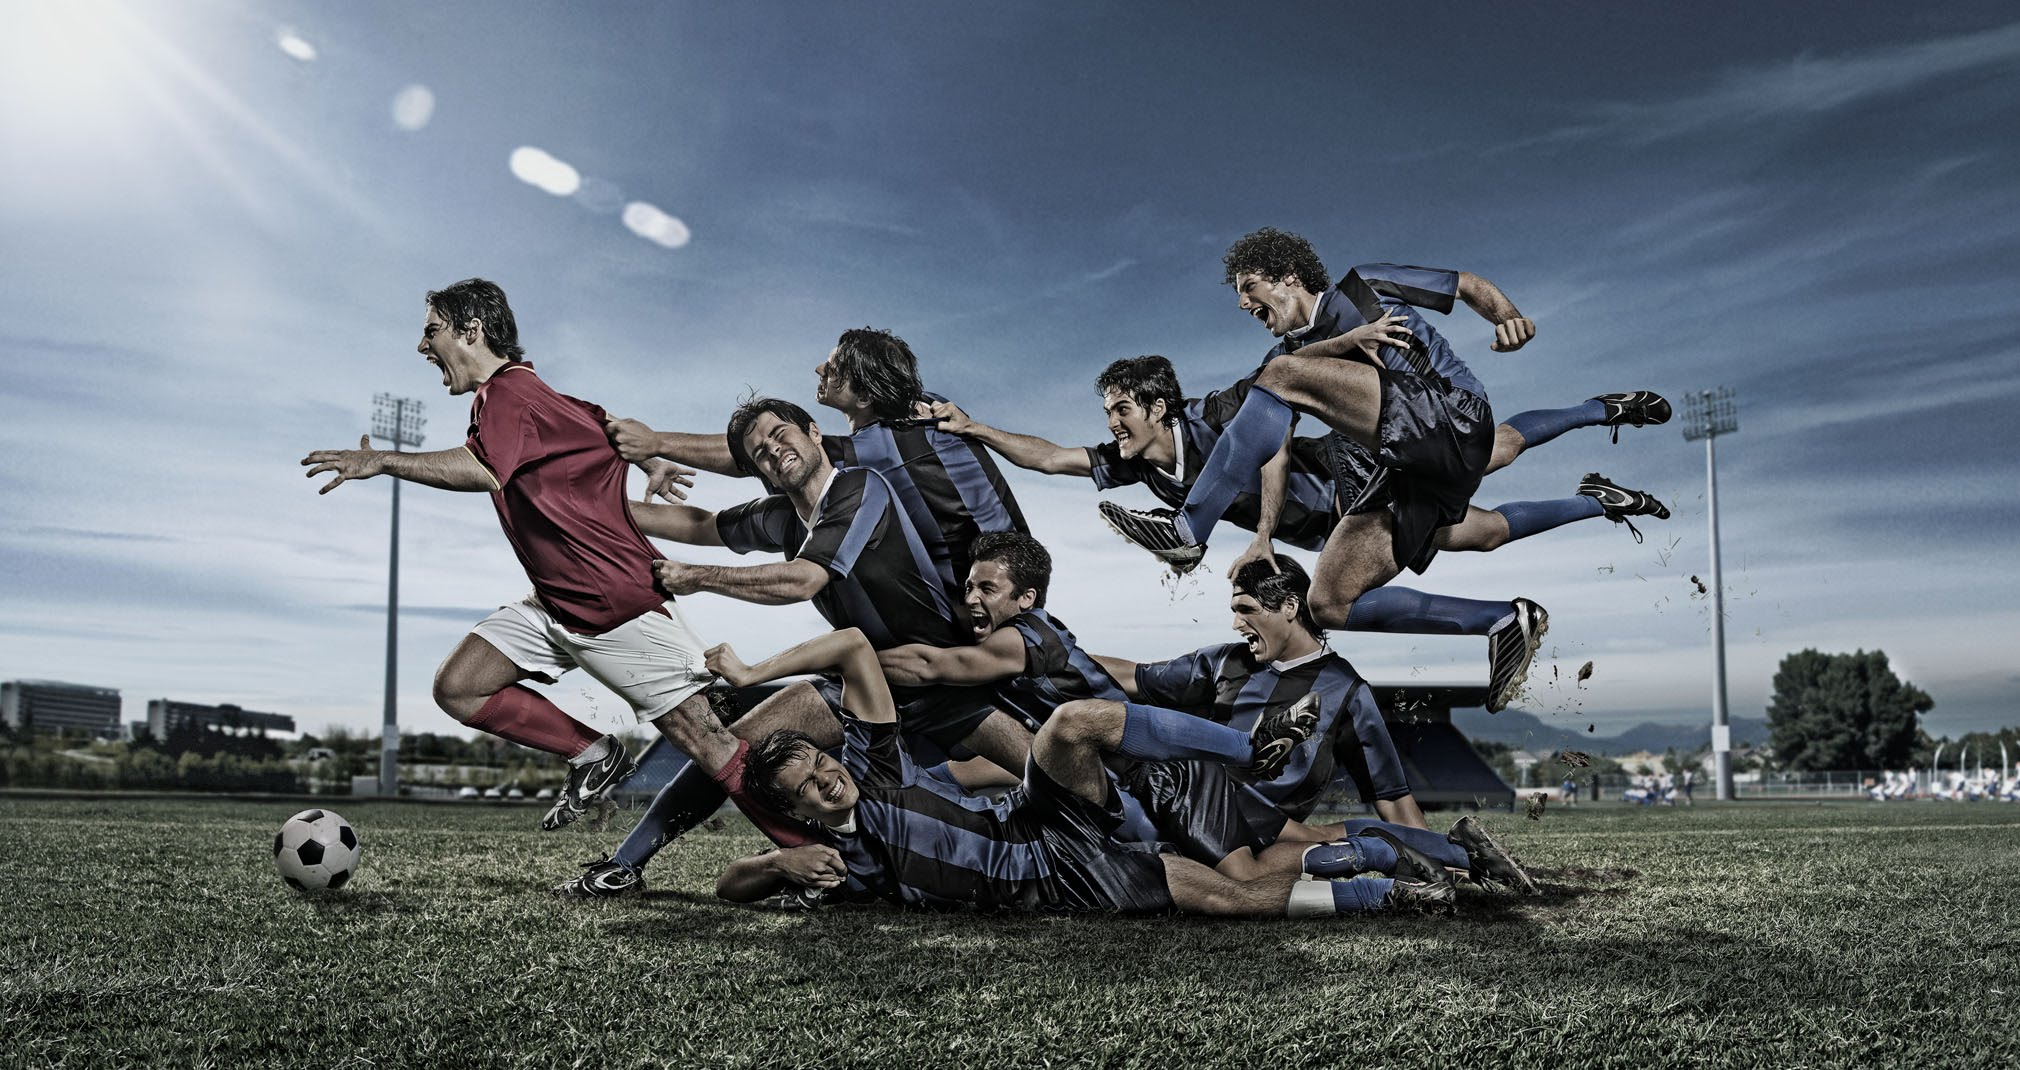 Футбол — прекрасная встряска для мужского организма, давления и сердца